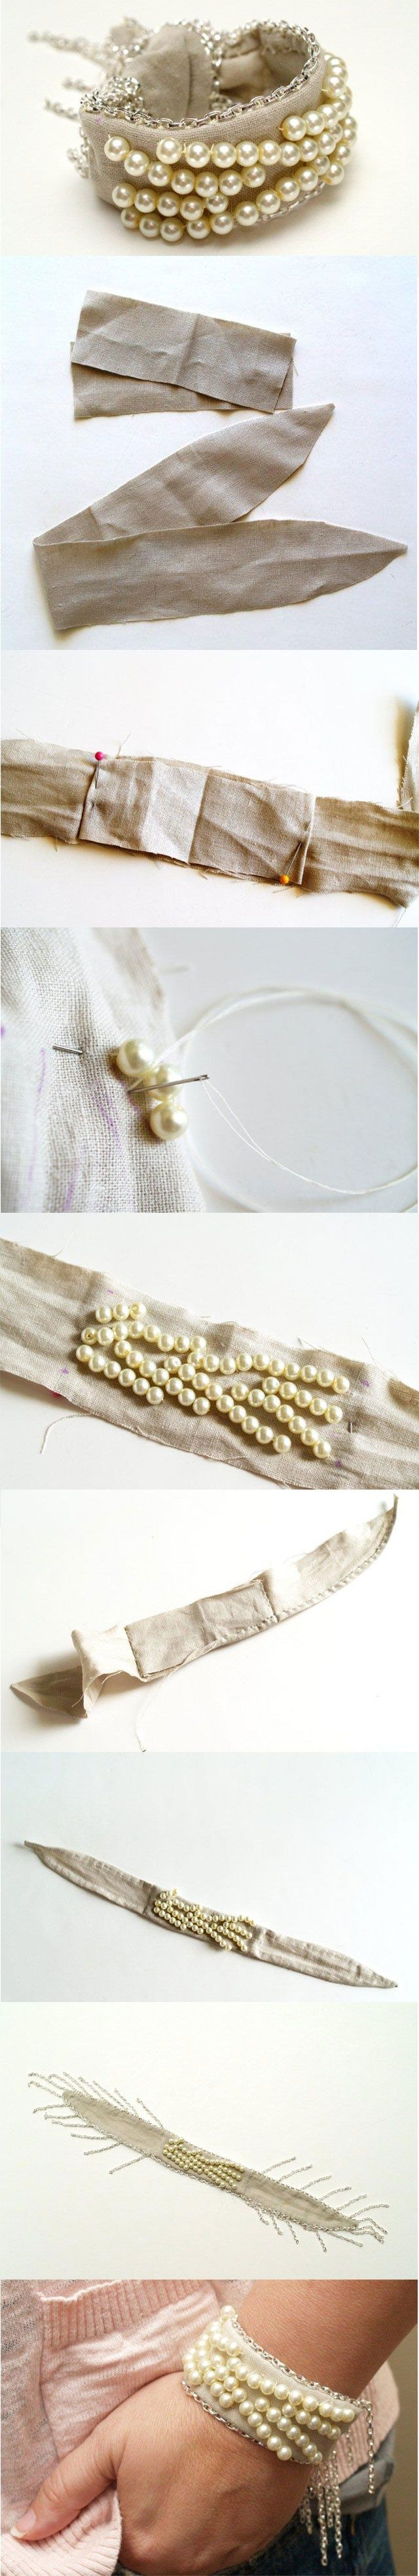 Pinned onto Výroba náramkov a šperkovBoard in Nezaradené Category